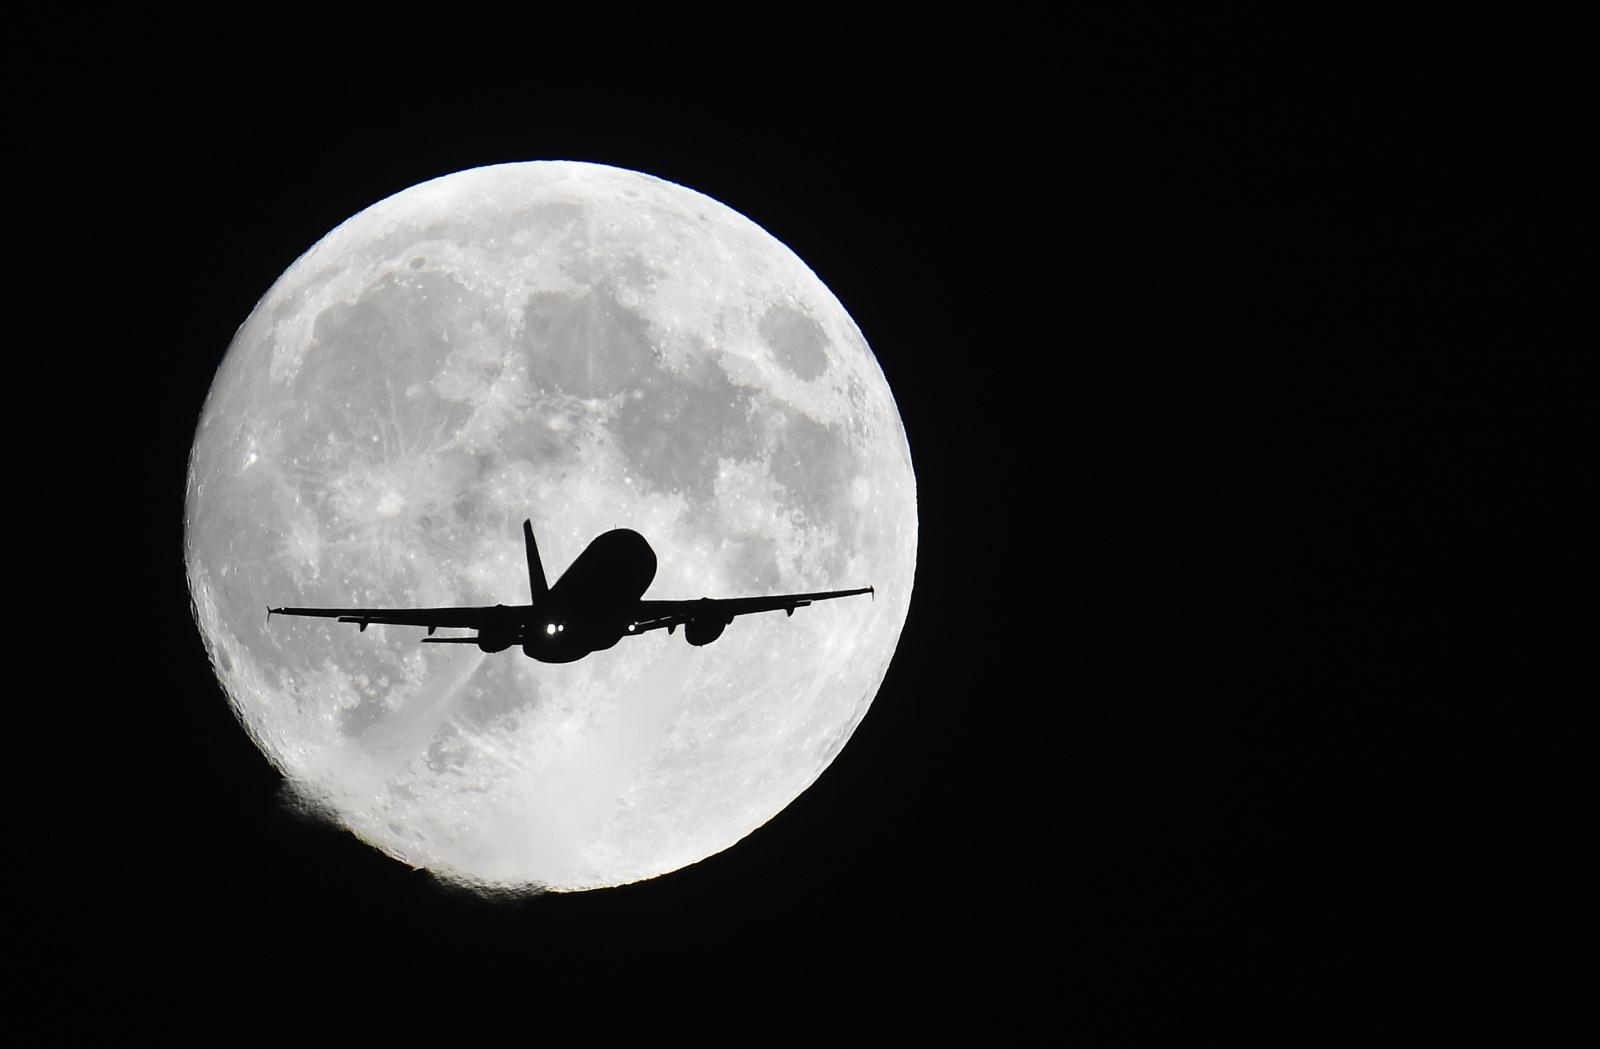 Aircraft and moon